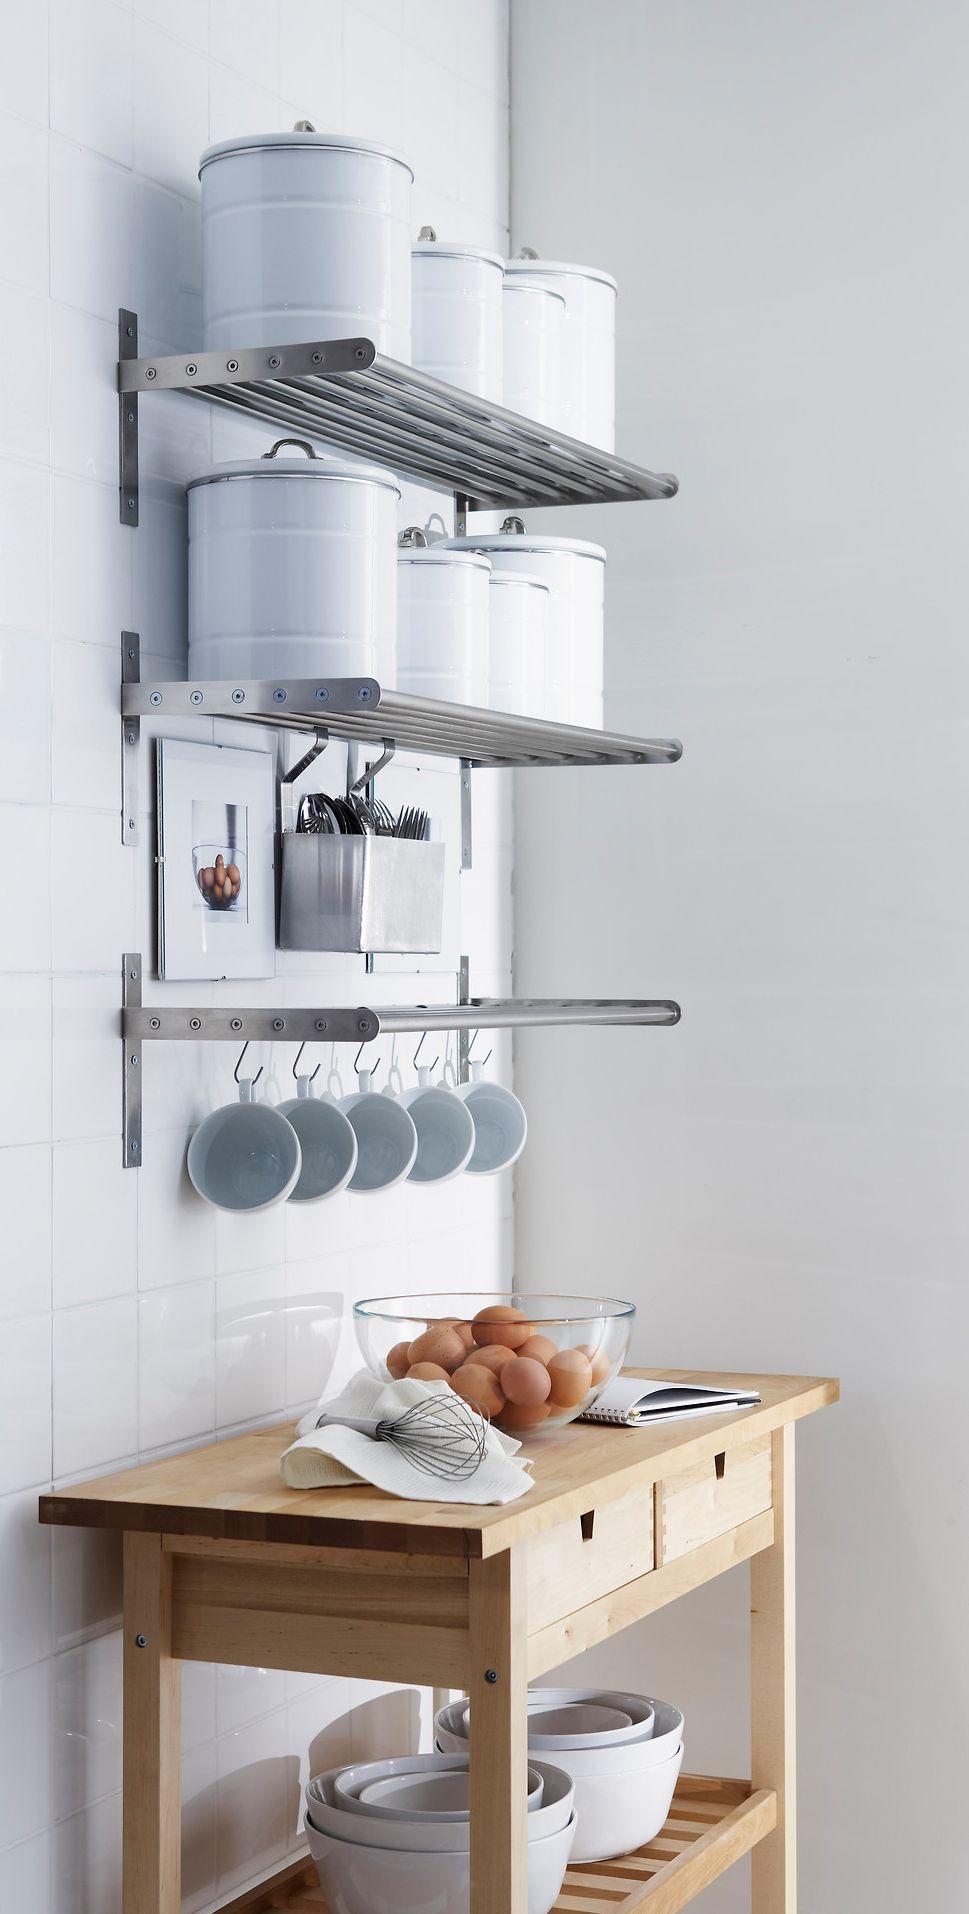 kitchen organization tips kitchen organization ideas Wall storage